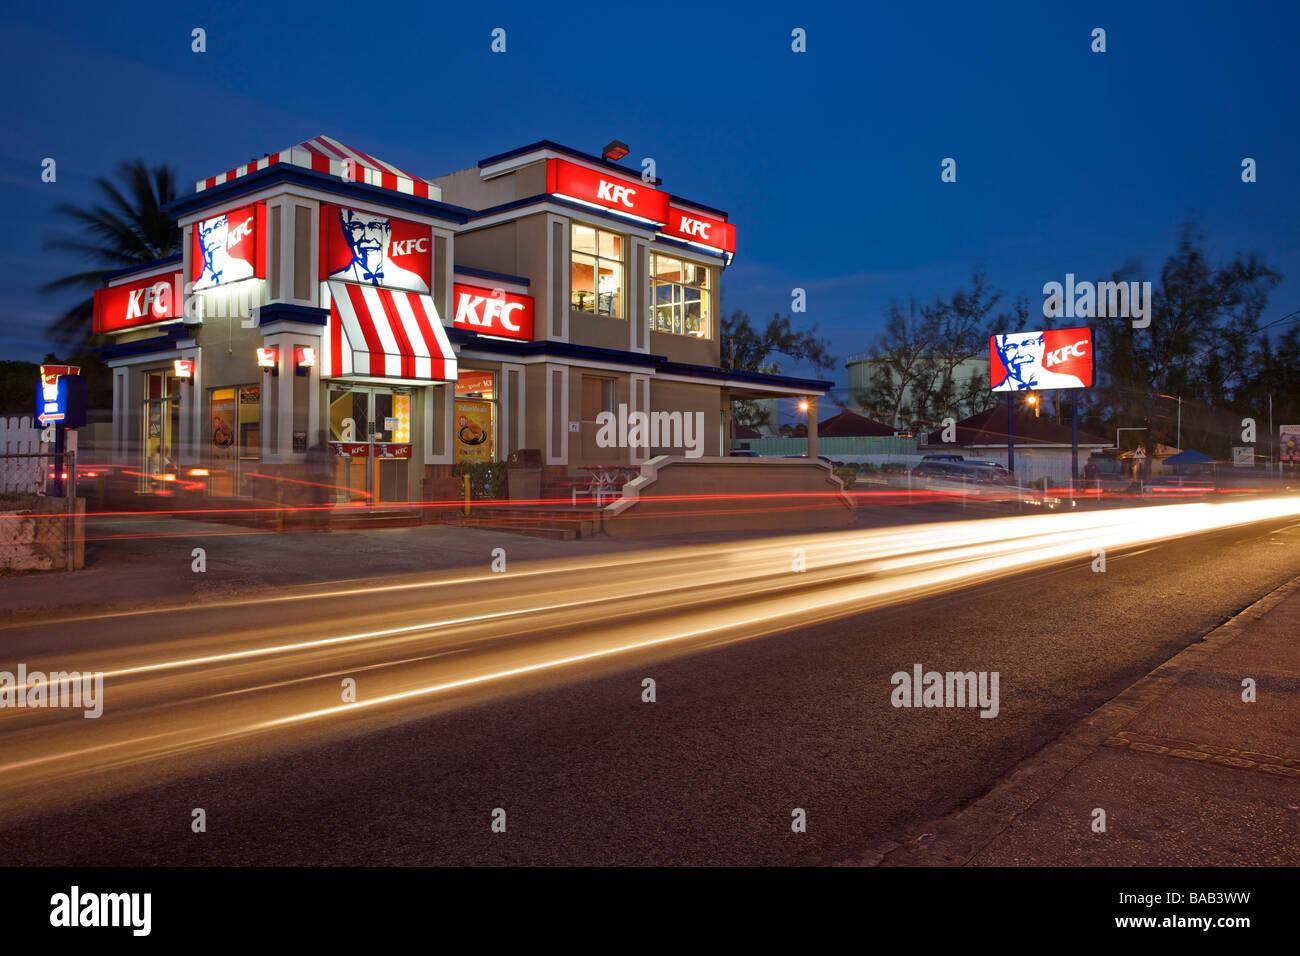 West Coast Fast Food